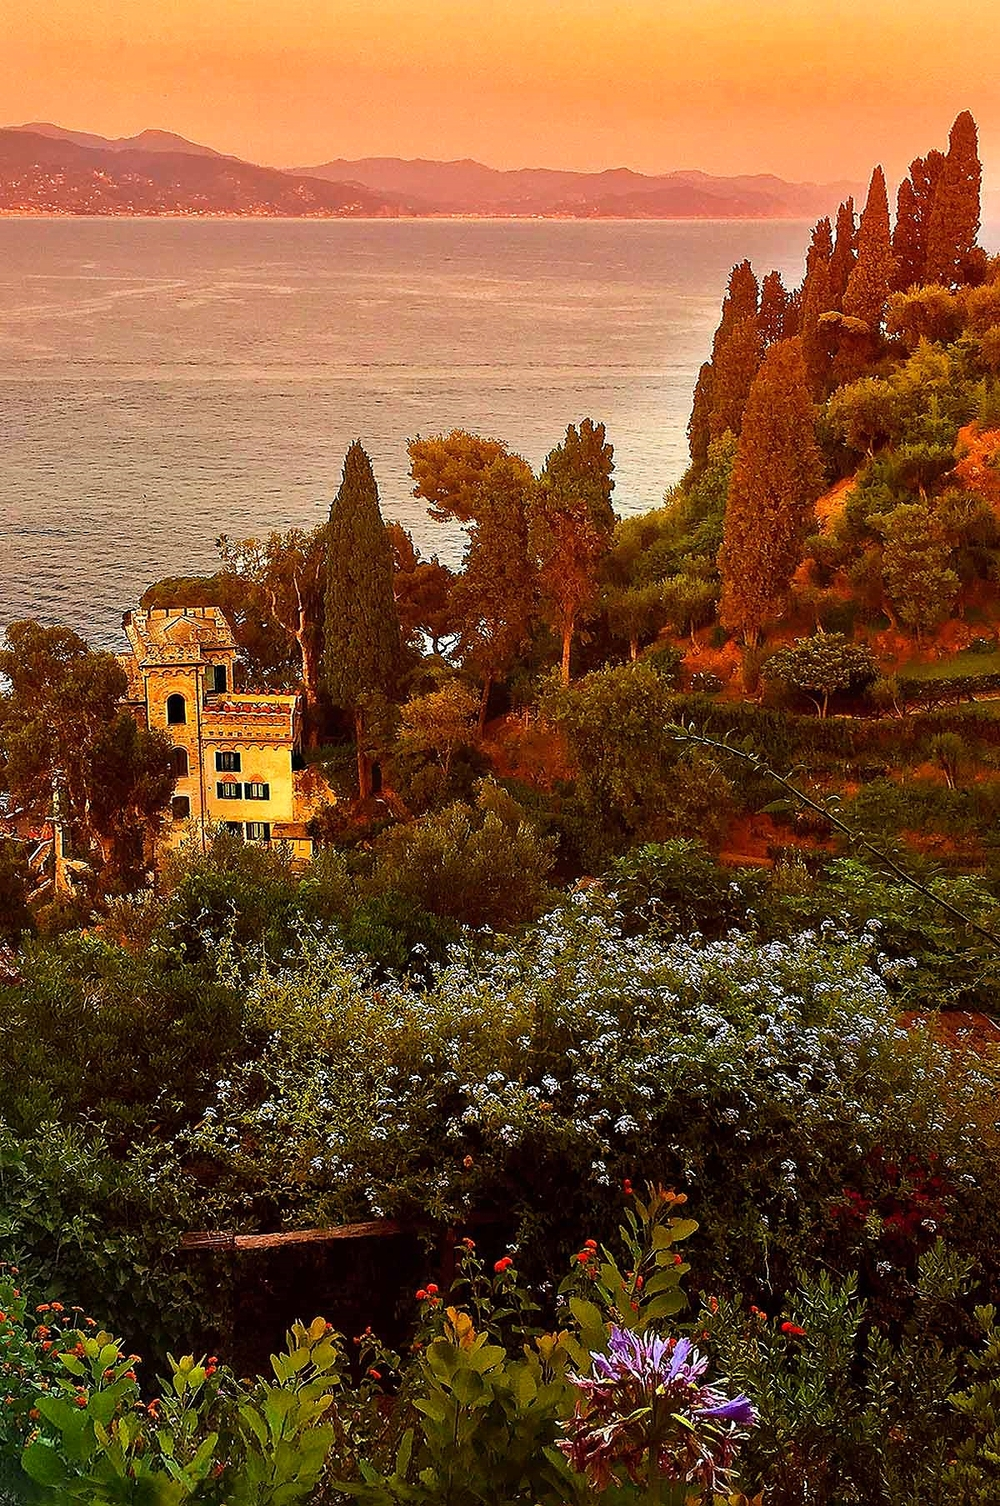 Dolce & Gabbana Castle in Portofino